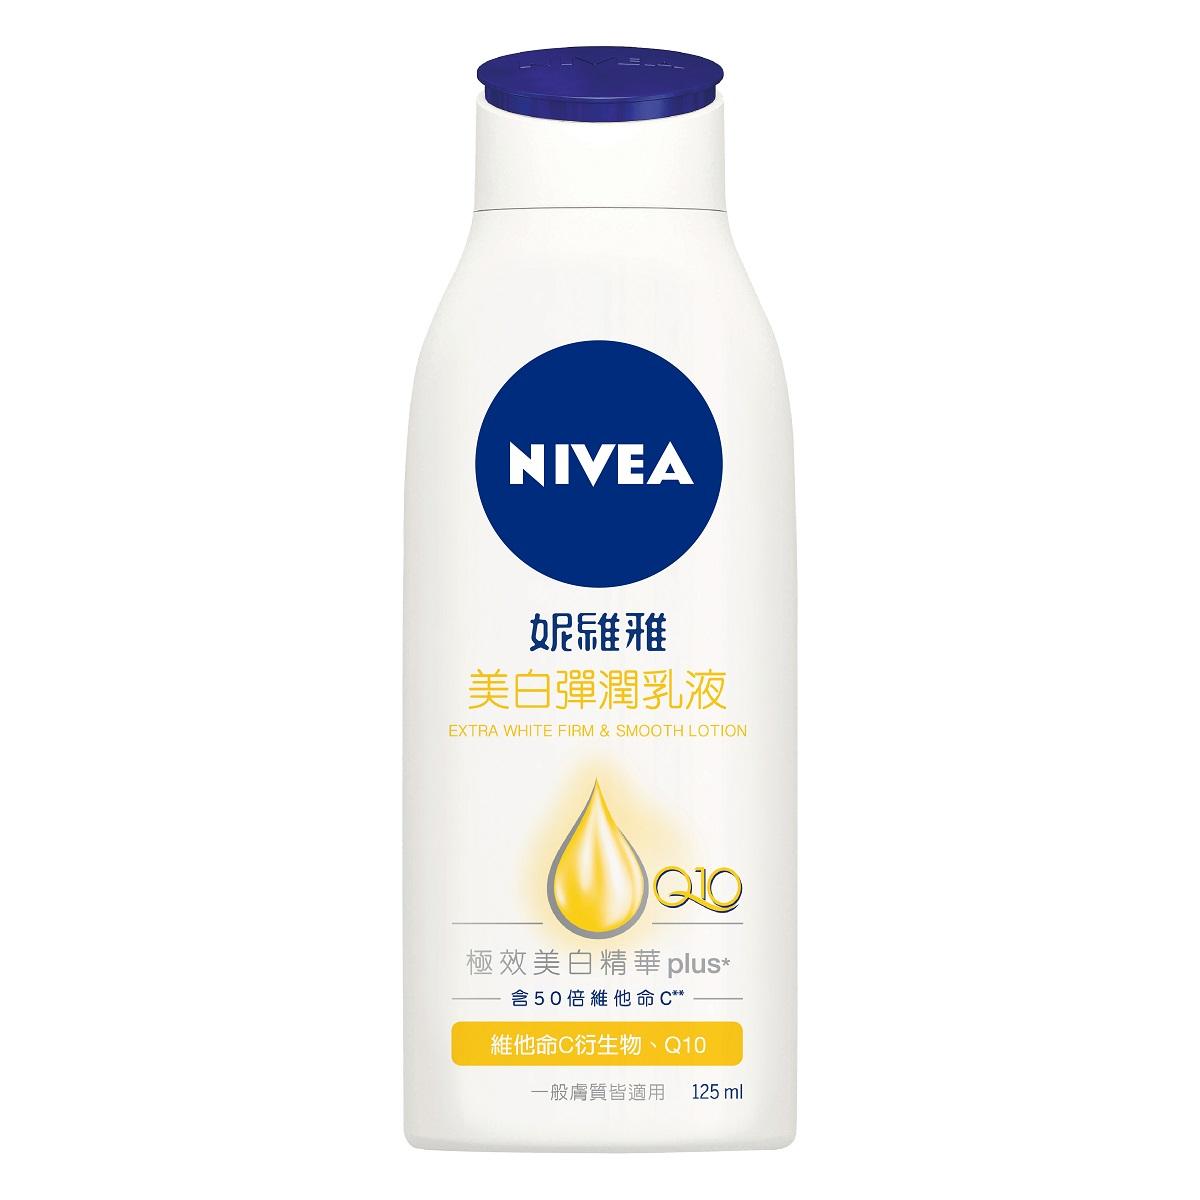 任2件5折*NIVEA妮維雅美白彈潤乳液125ml